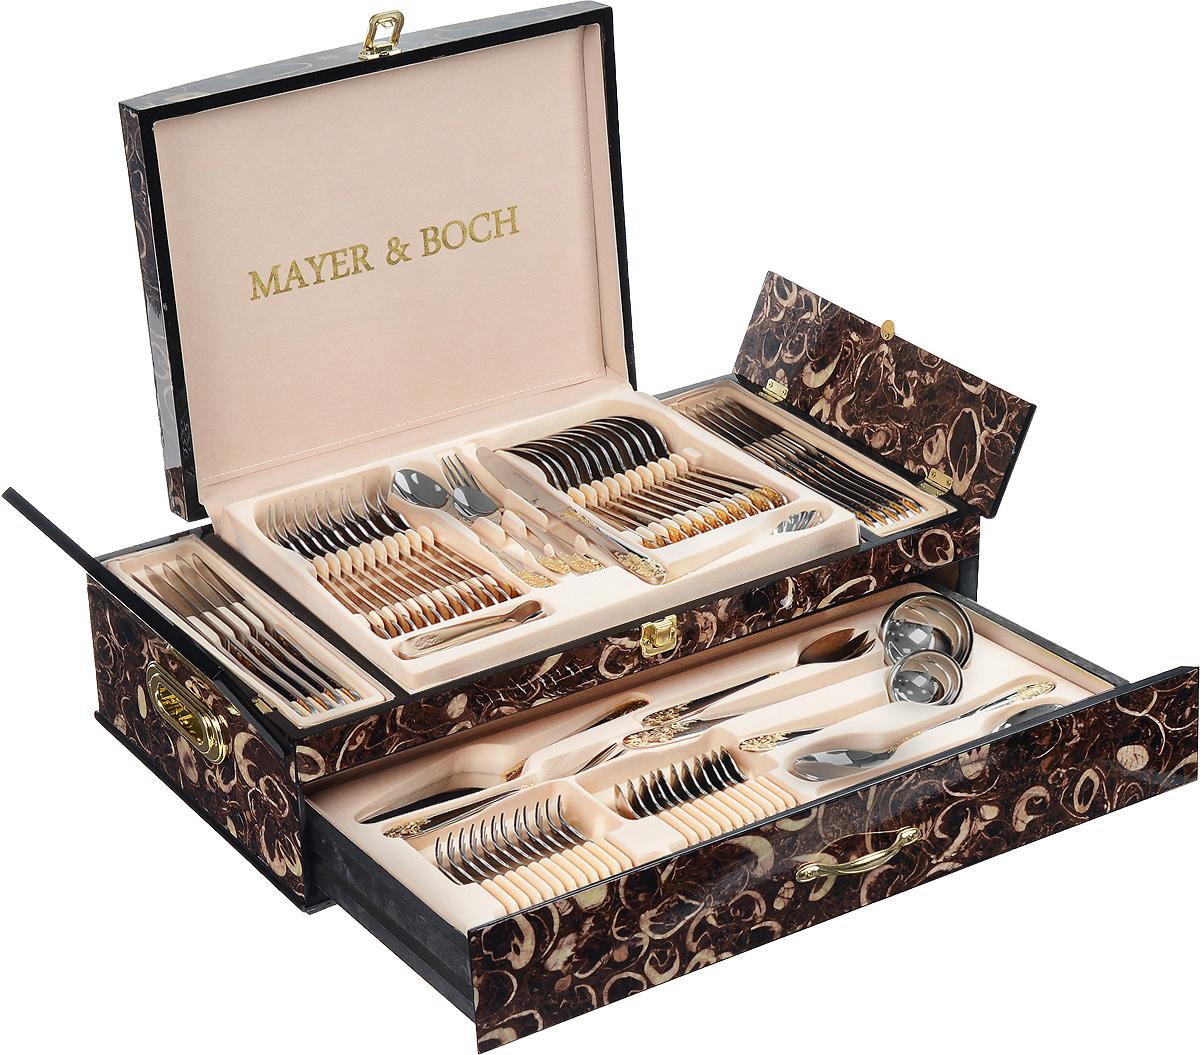 Mayer & Boch Набор столовых приборов Mayer&Boch, 73 предмета. 23450